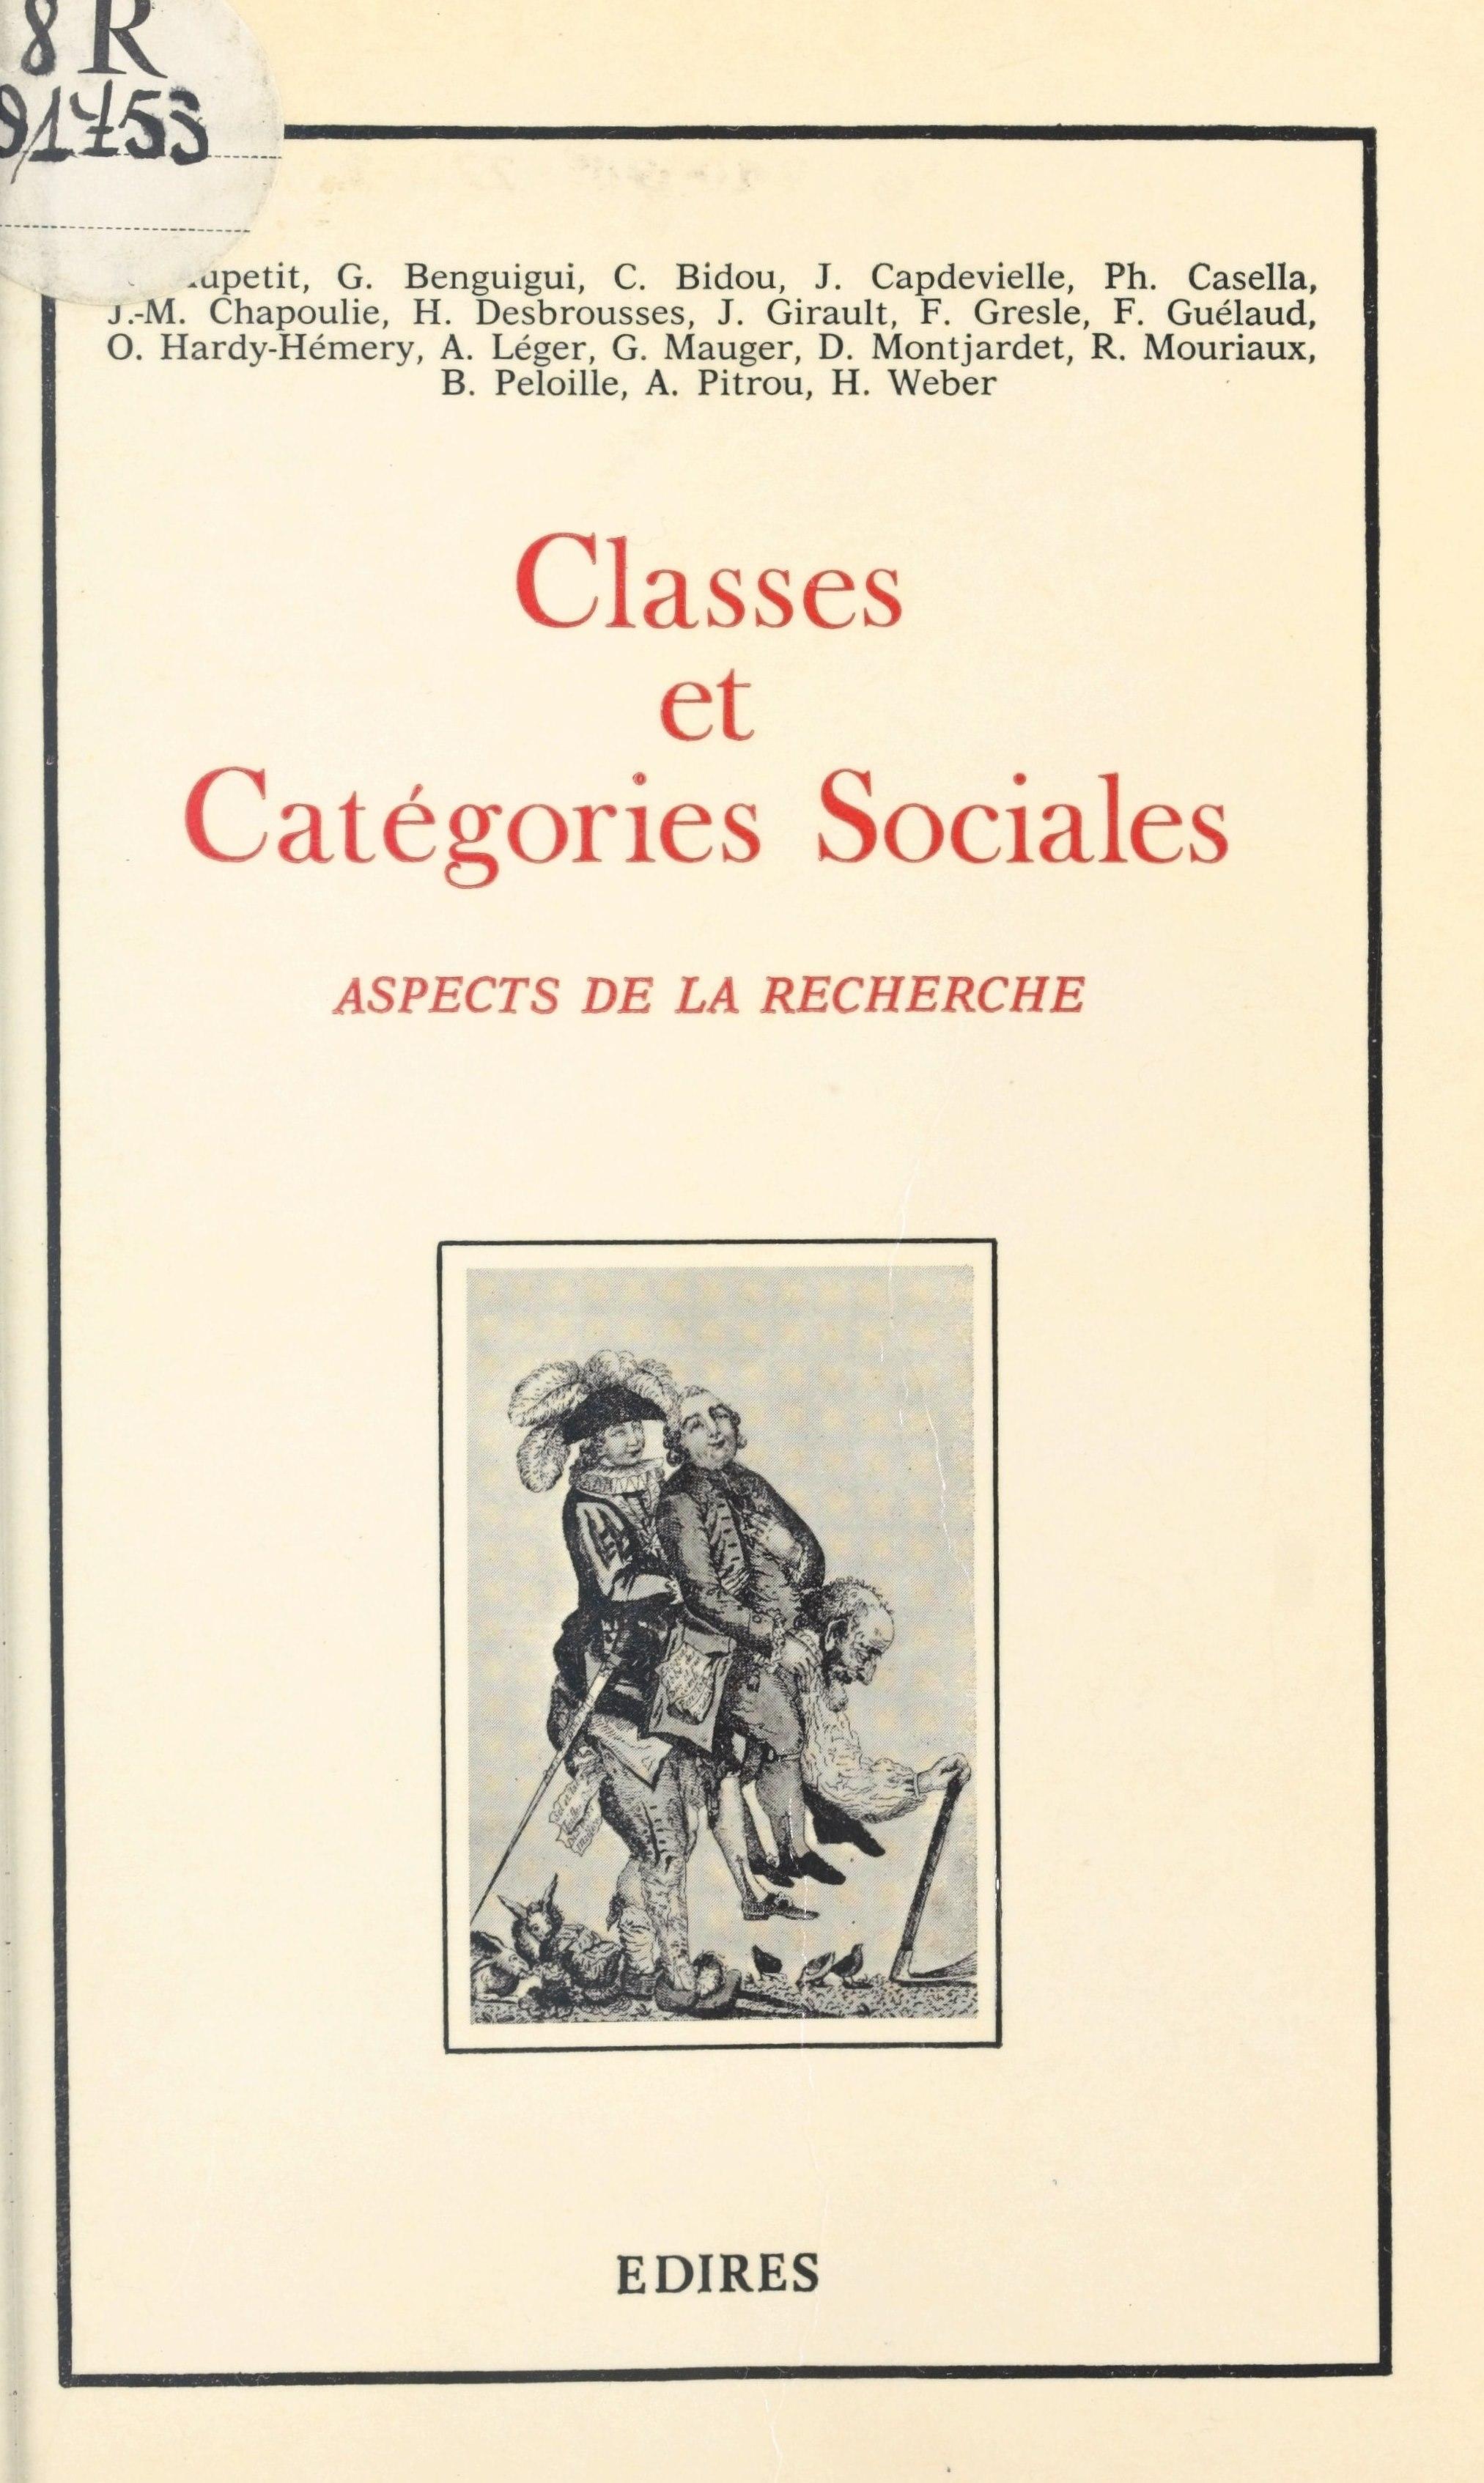 Classes et catégories sociales : aspects de la recherche